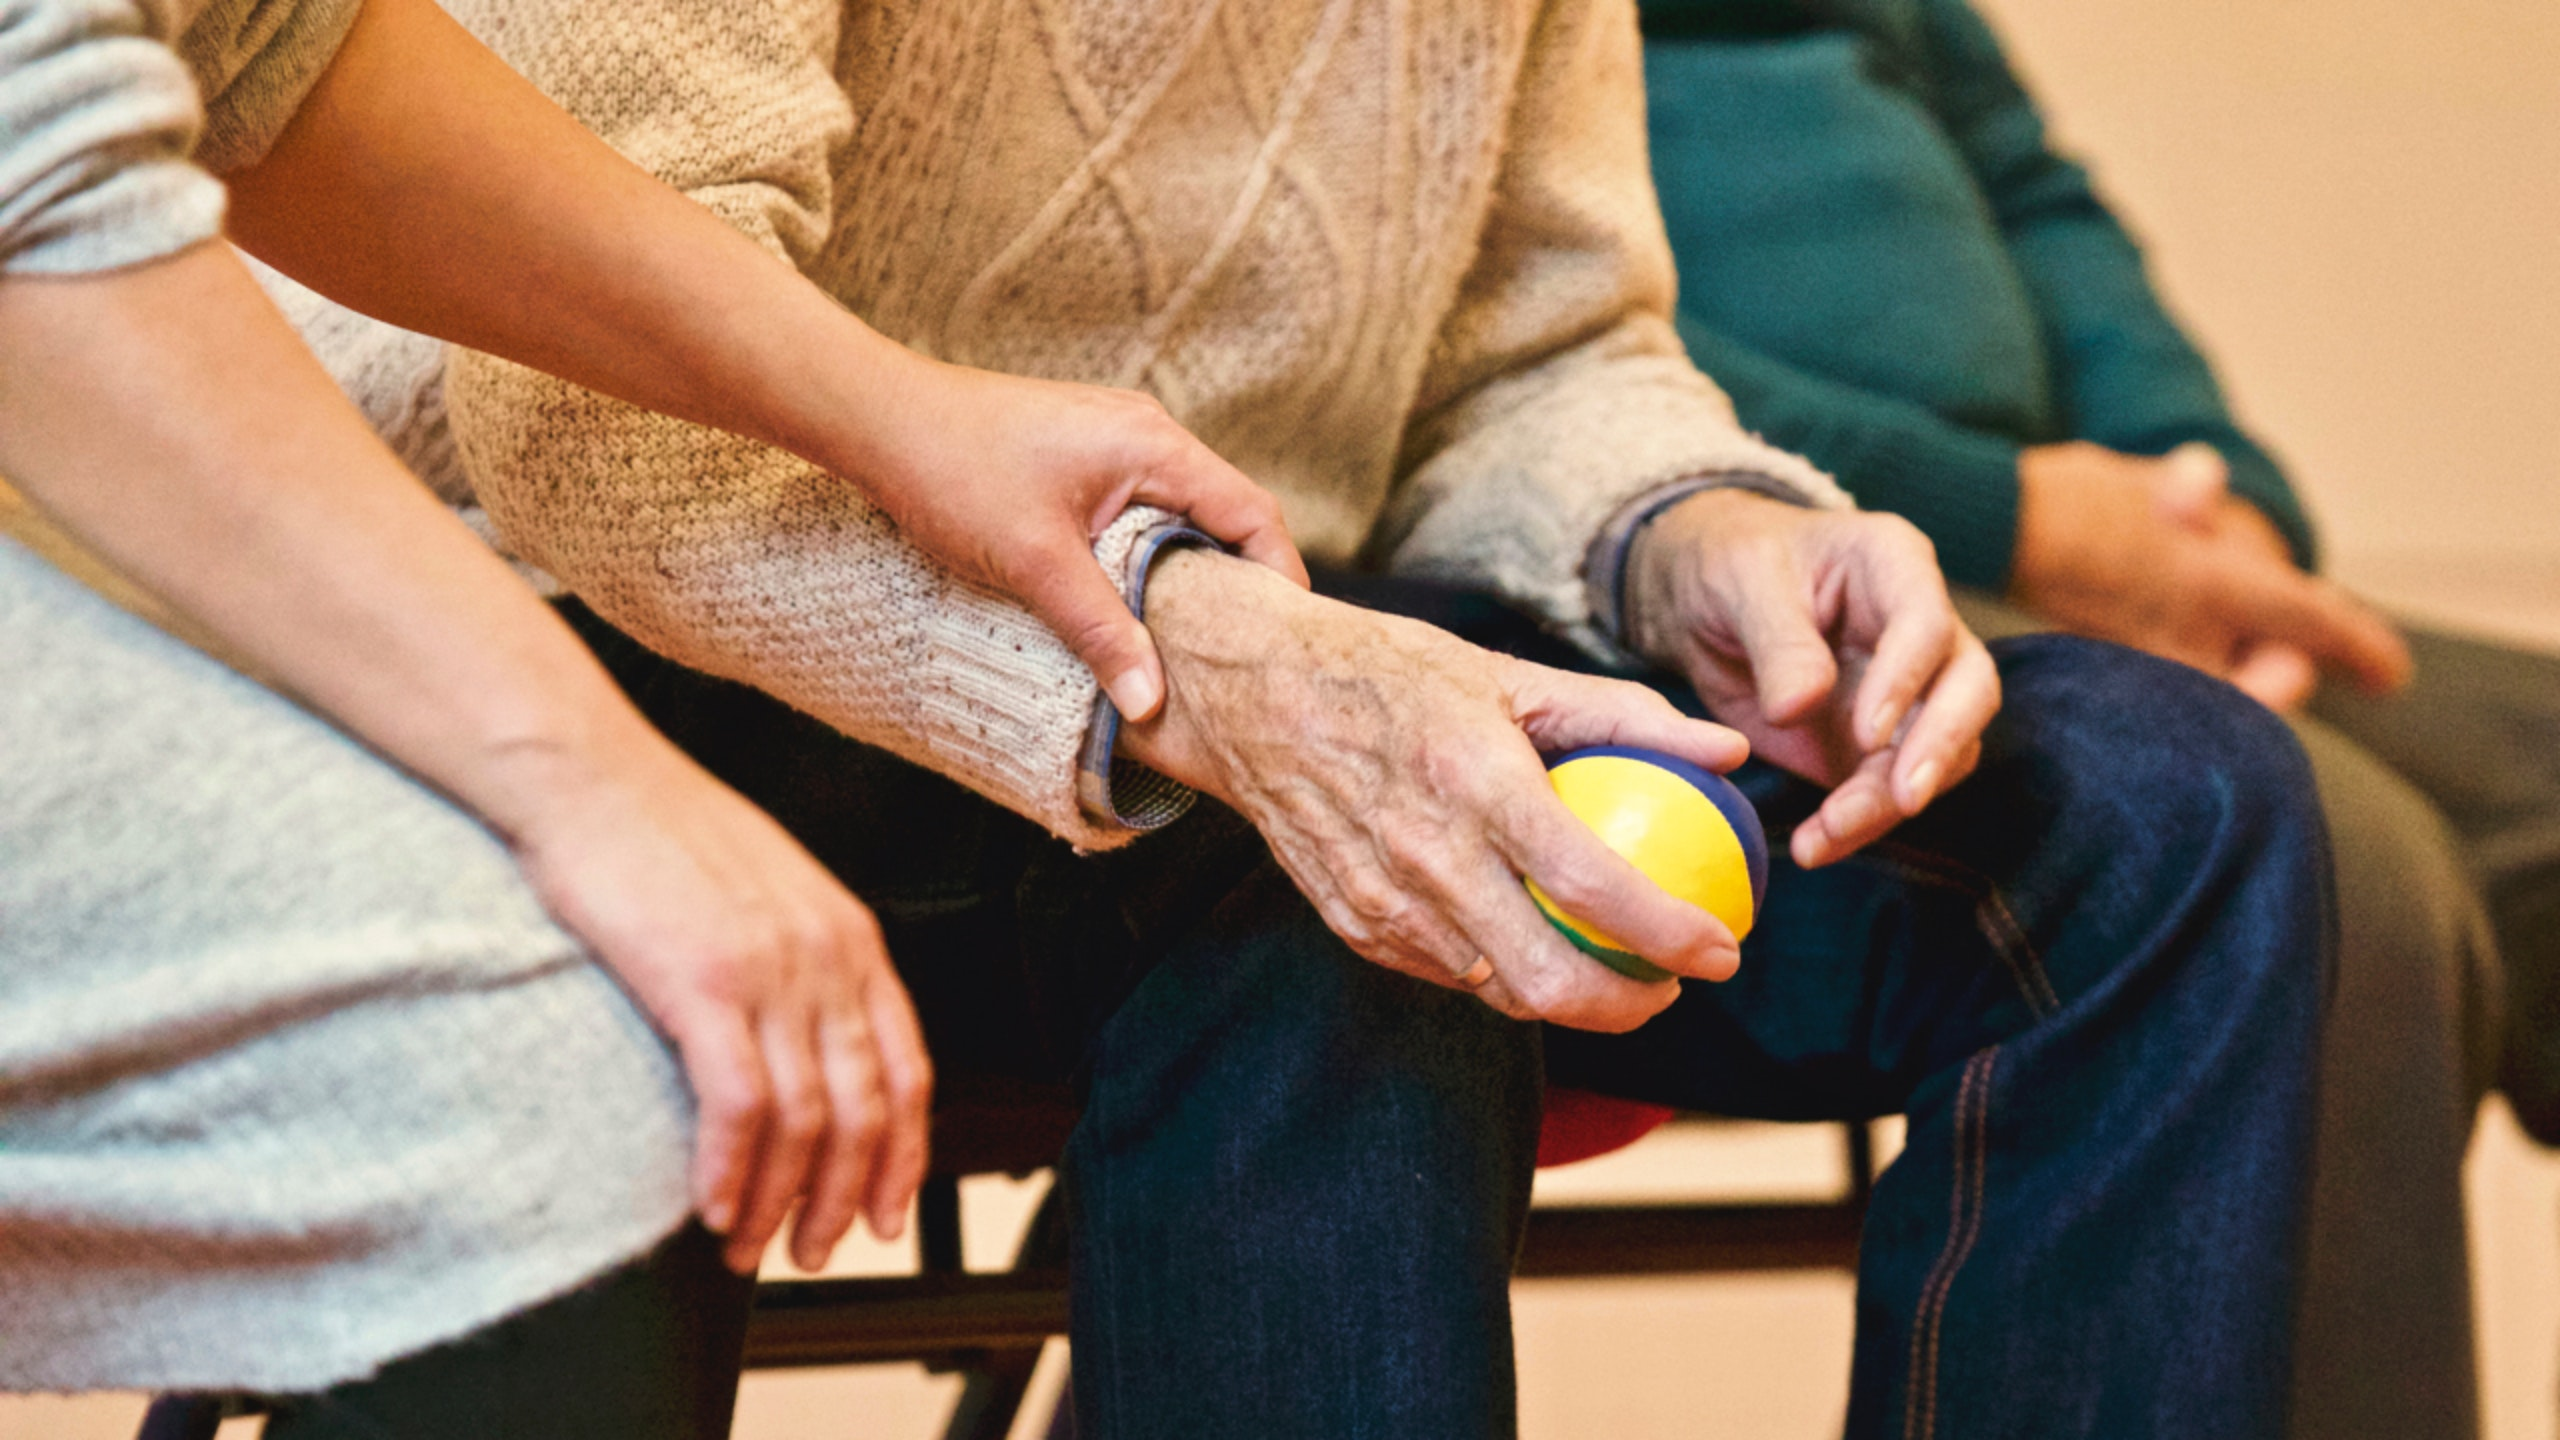 Beperking bezoekers in ggz en gehandicaptenzorg